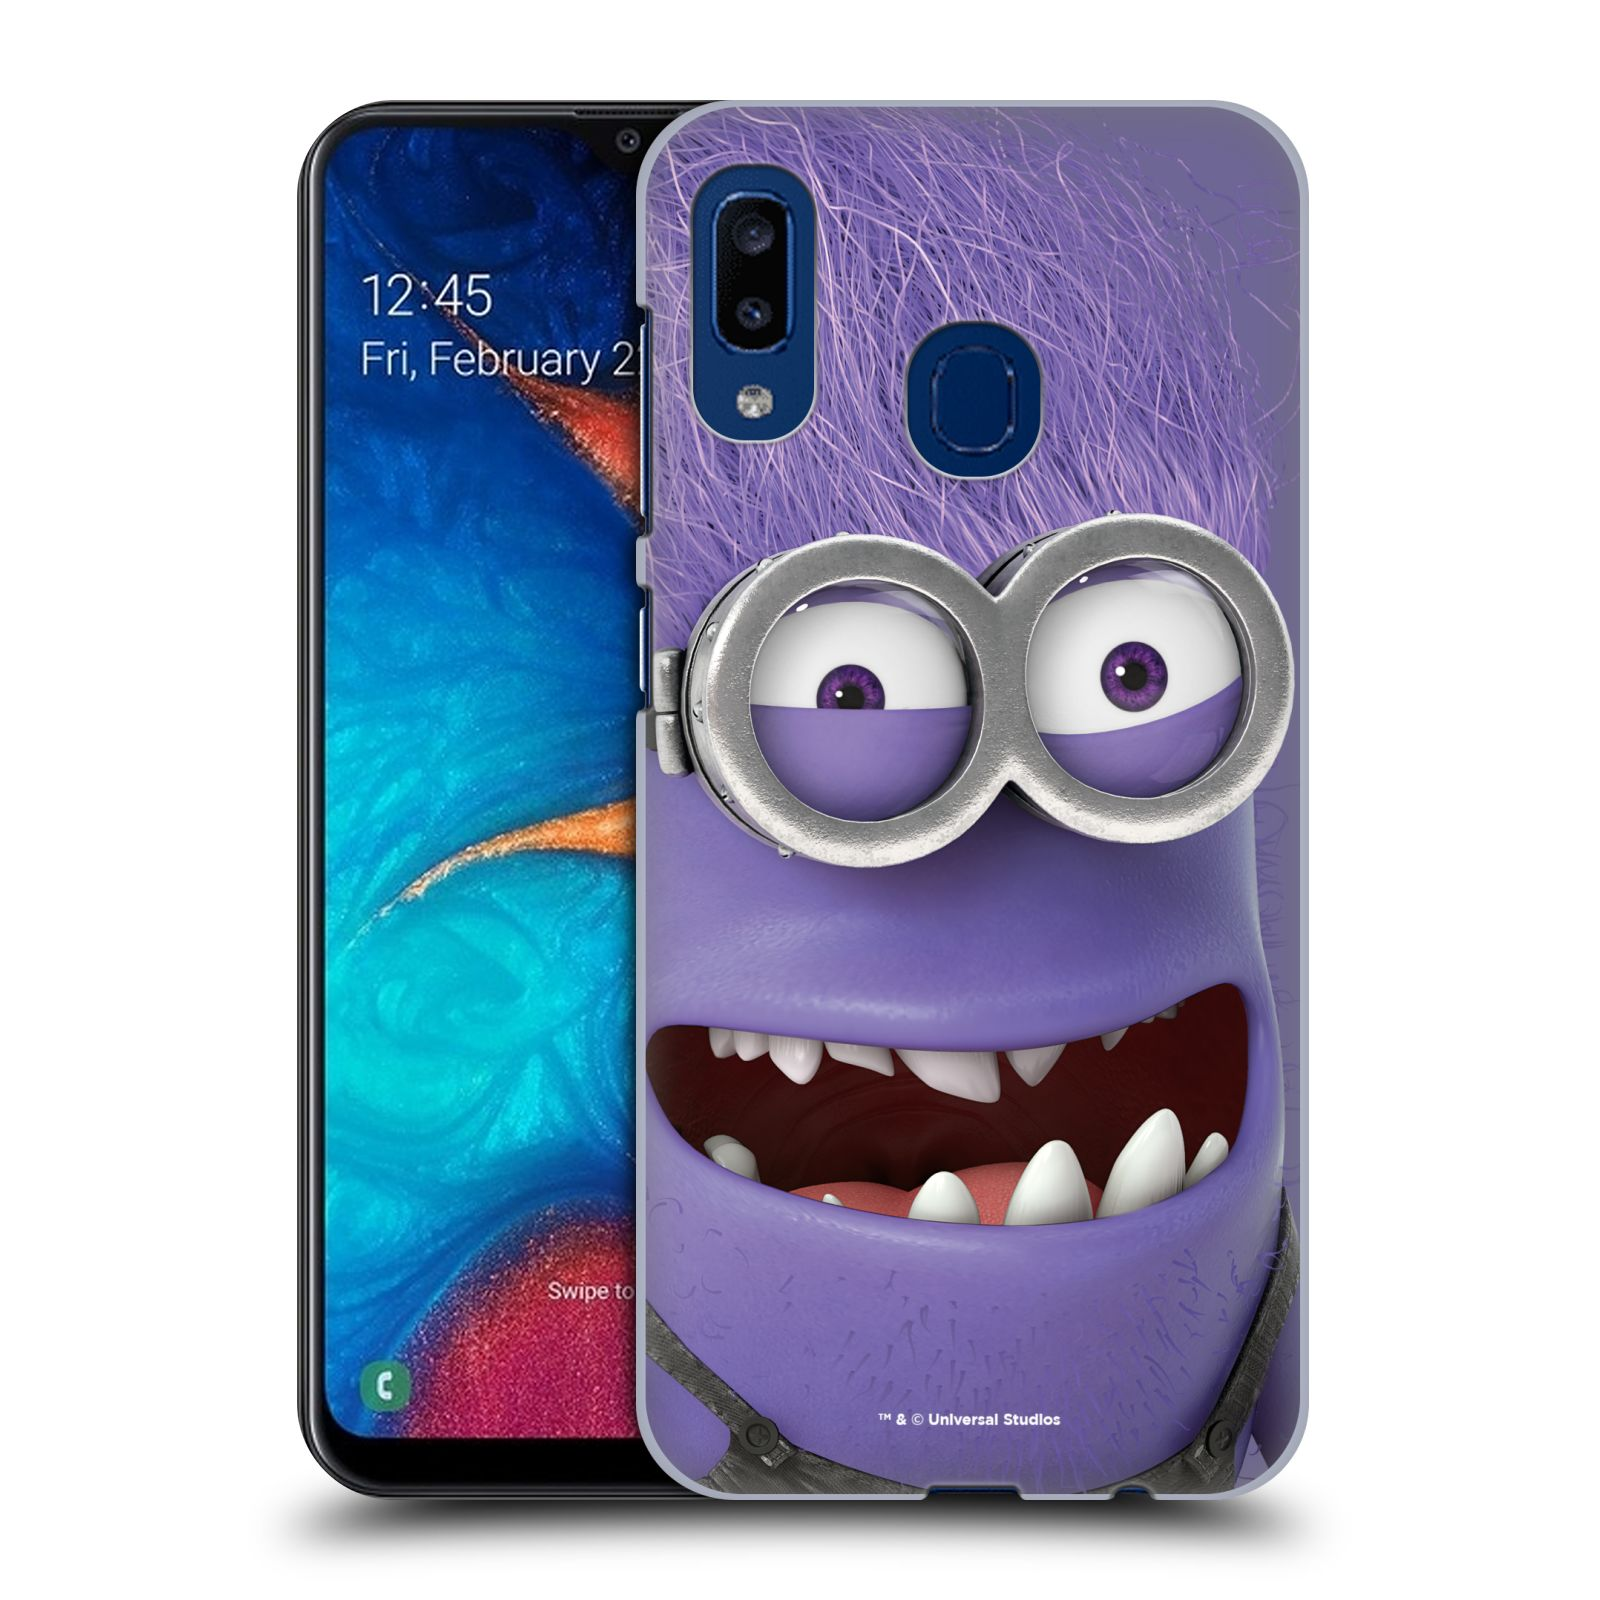 Plastové pouzdro na mobil Samsung Galaxy A20 - Head Case - Zlý Mimoň z filmu Já, padouch - Despicable Me